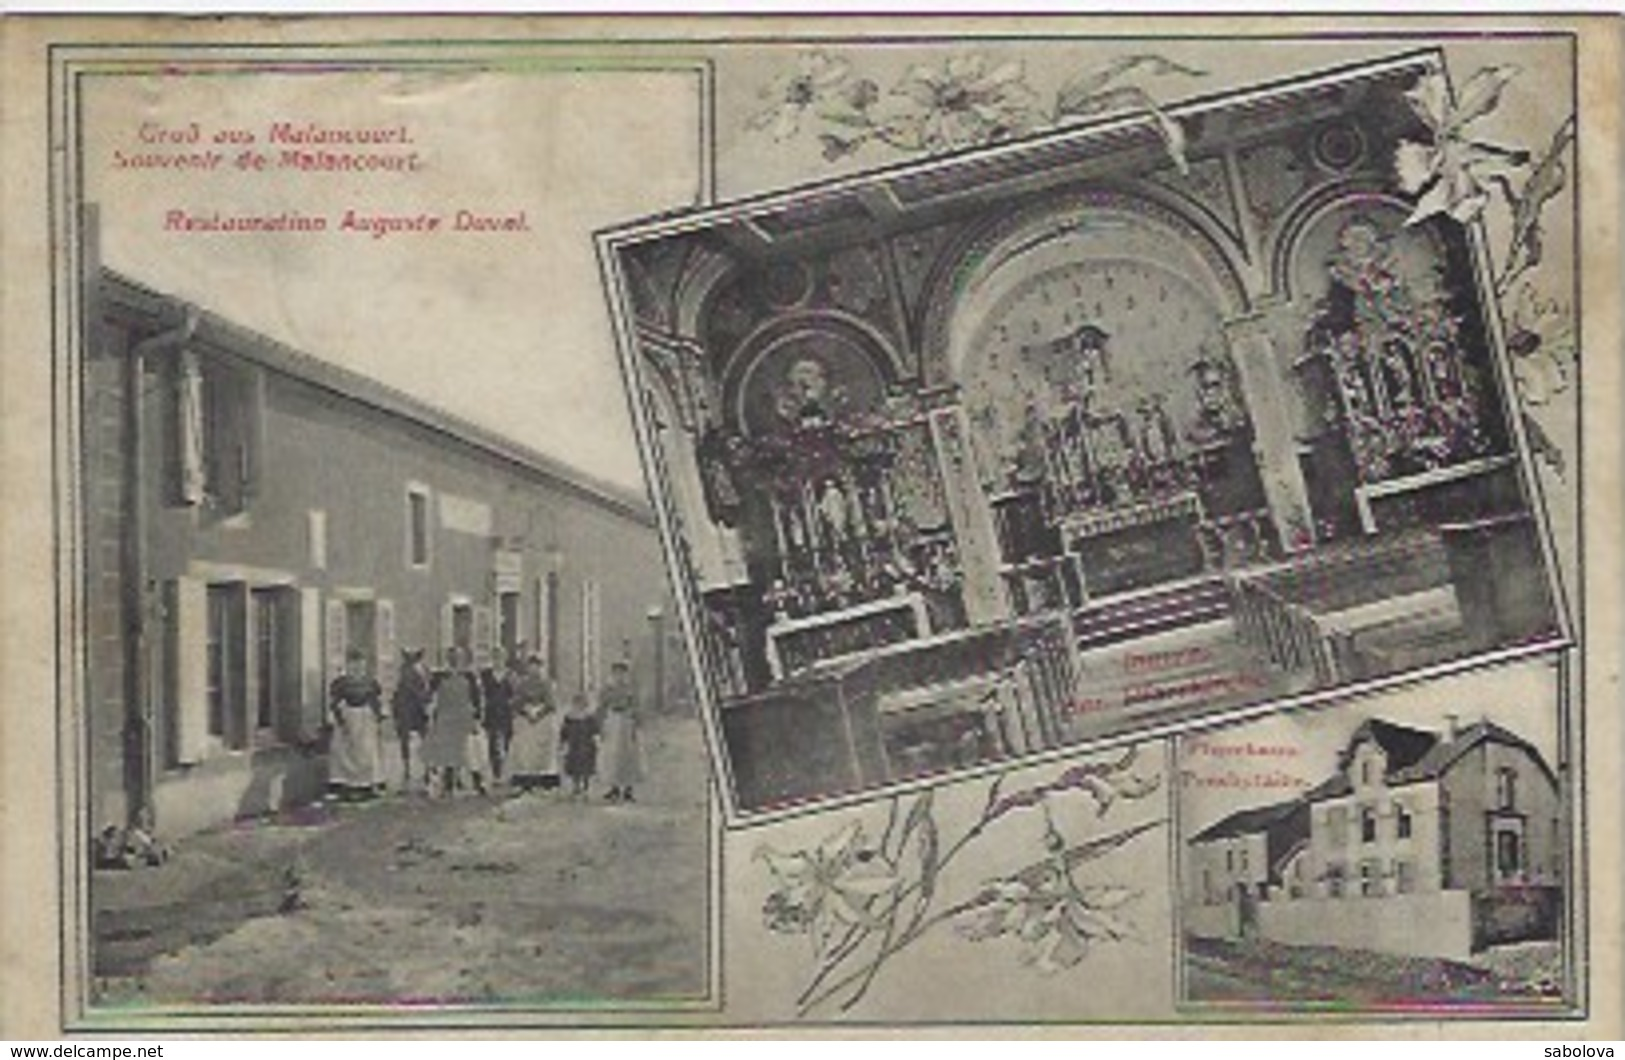 Malancourt Près Metz Restauration Auguste Duval - Saint-Avold